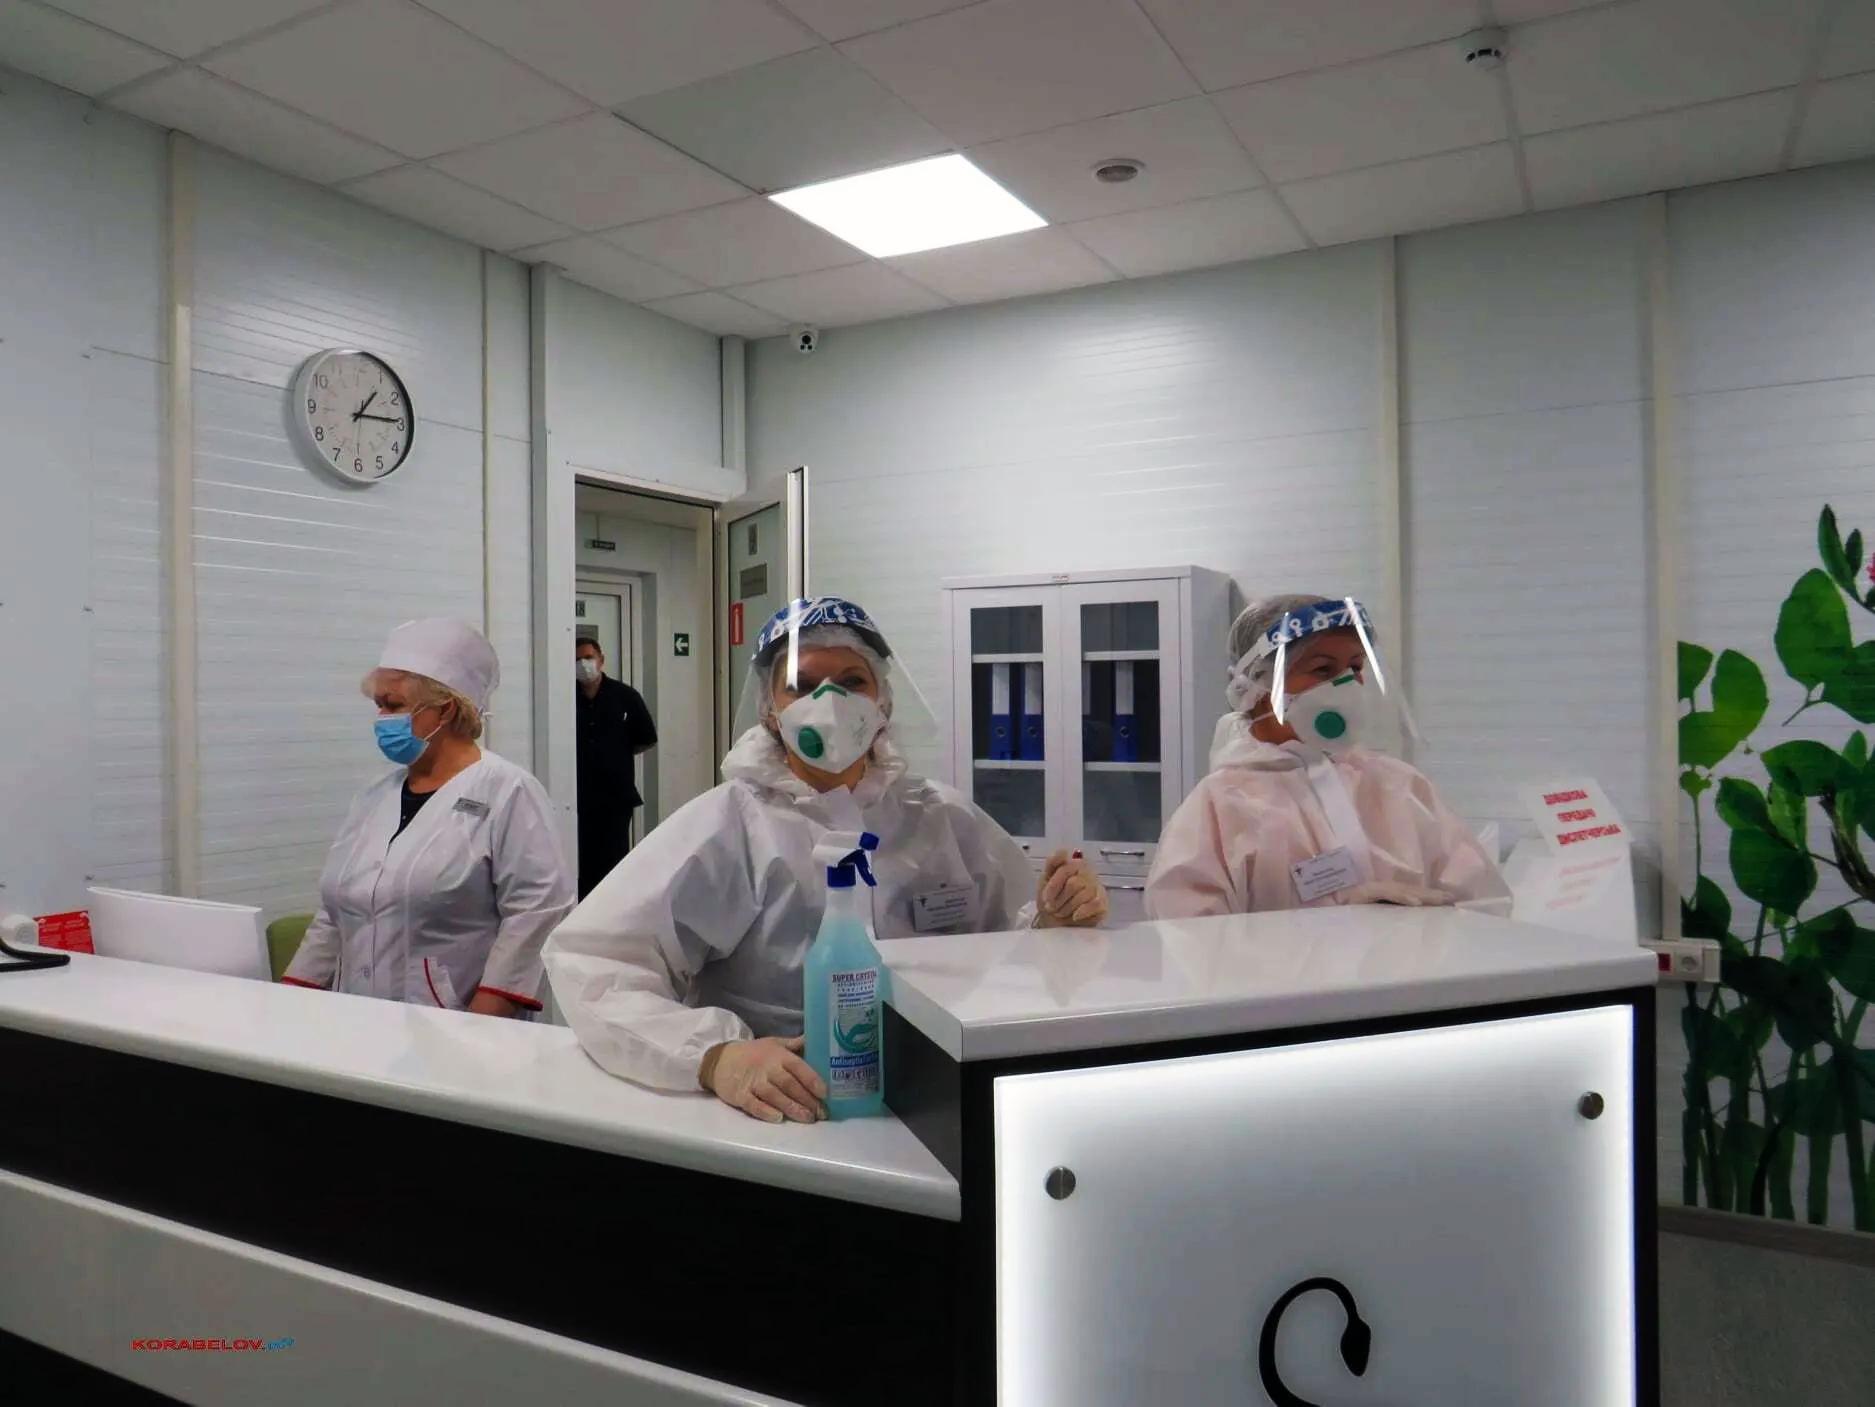 Медицинское учреждение полностью обеспечено необходимыми дорогостоящими препаратами и высокотехнологичным оборудованием